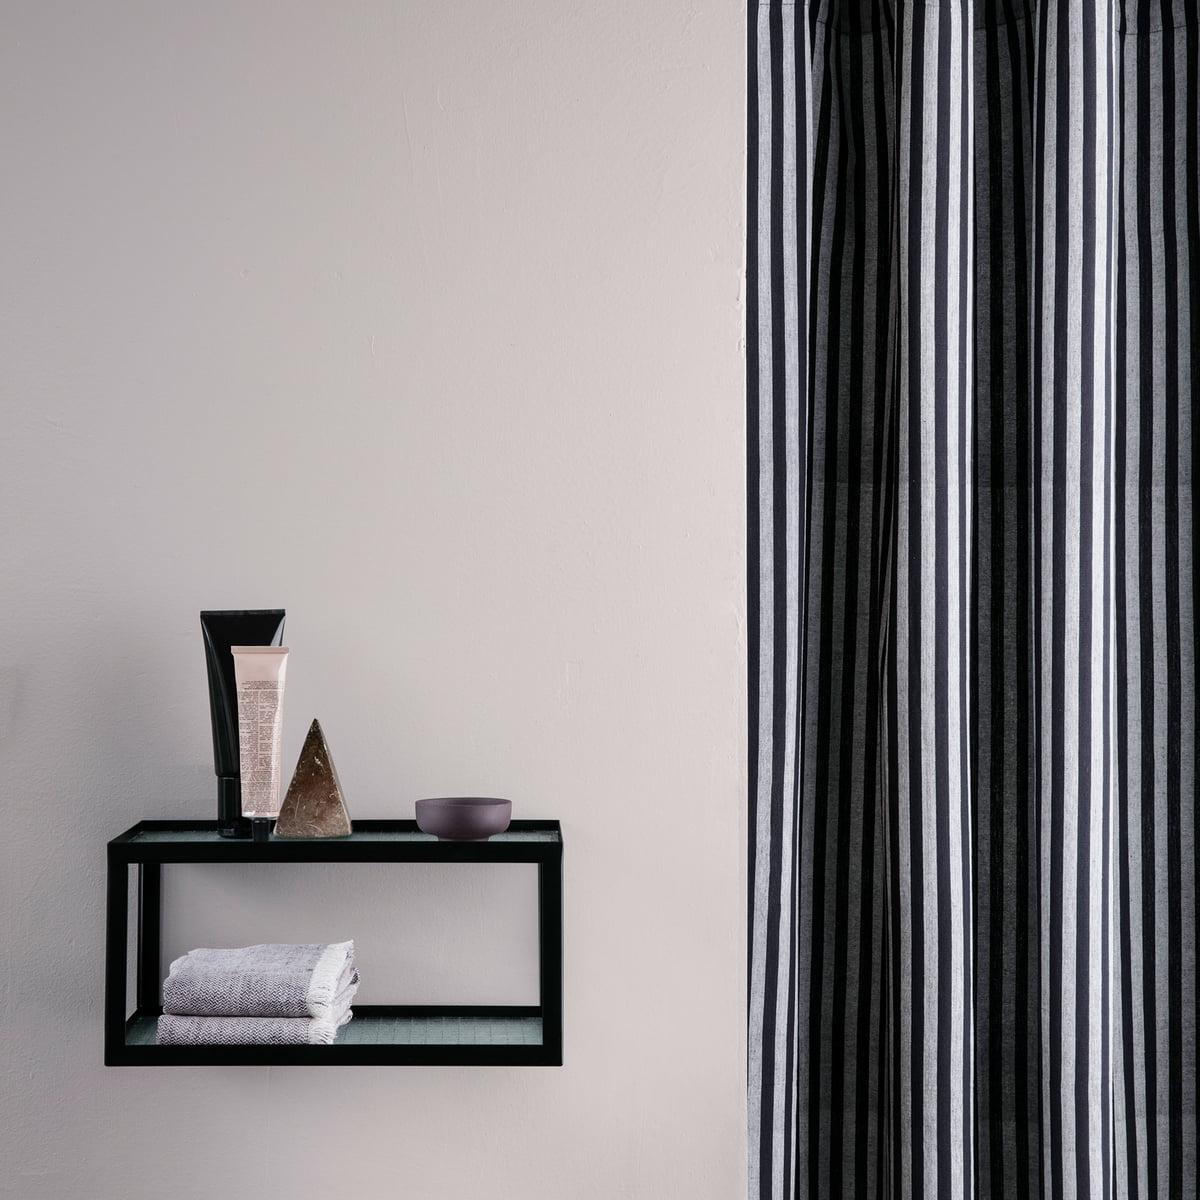 Etagere Badezimmer | Haze Wall Shelf By Ferm Living Connox